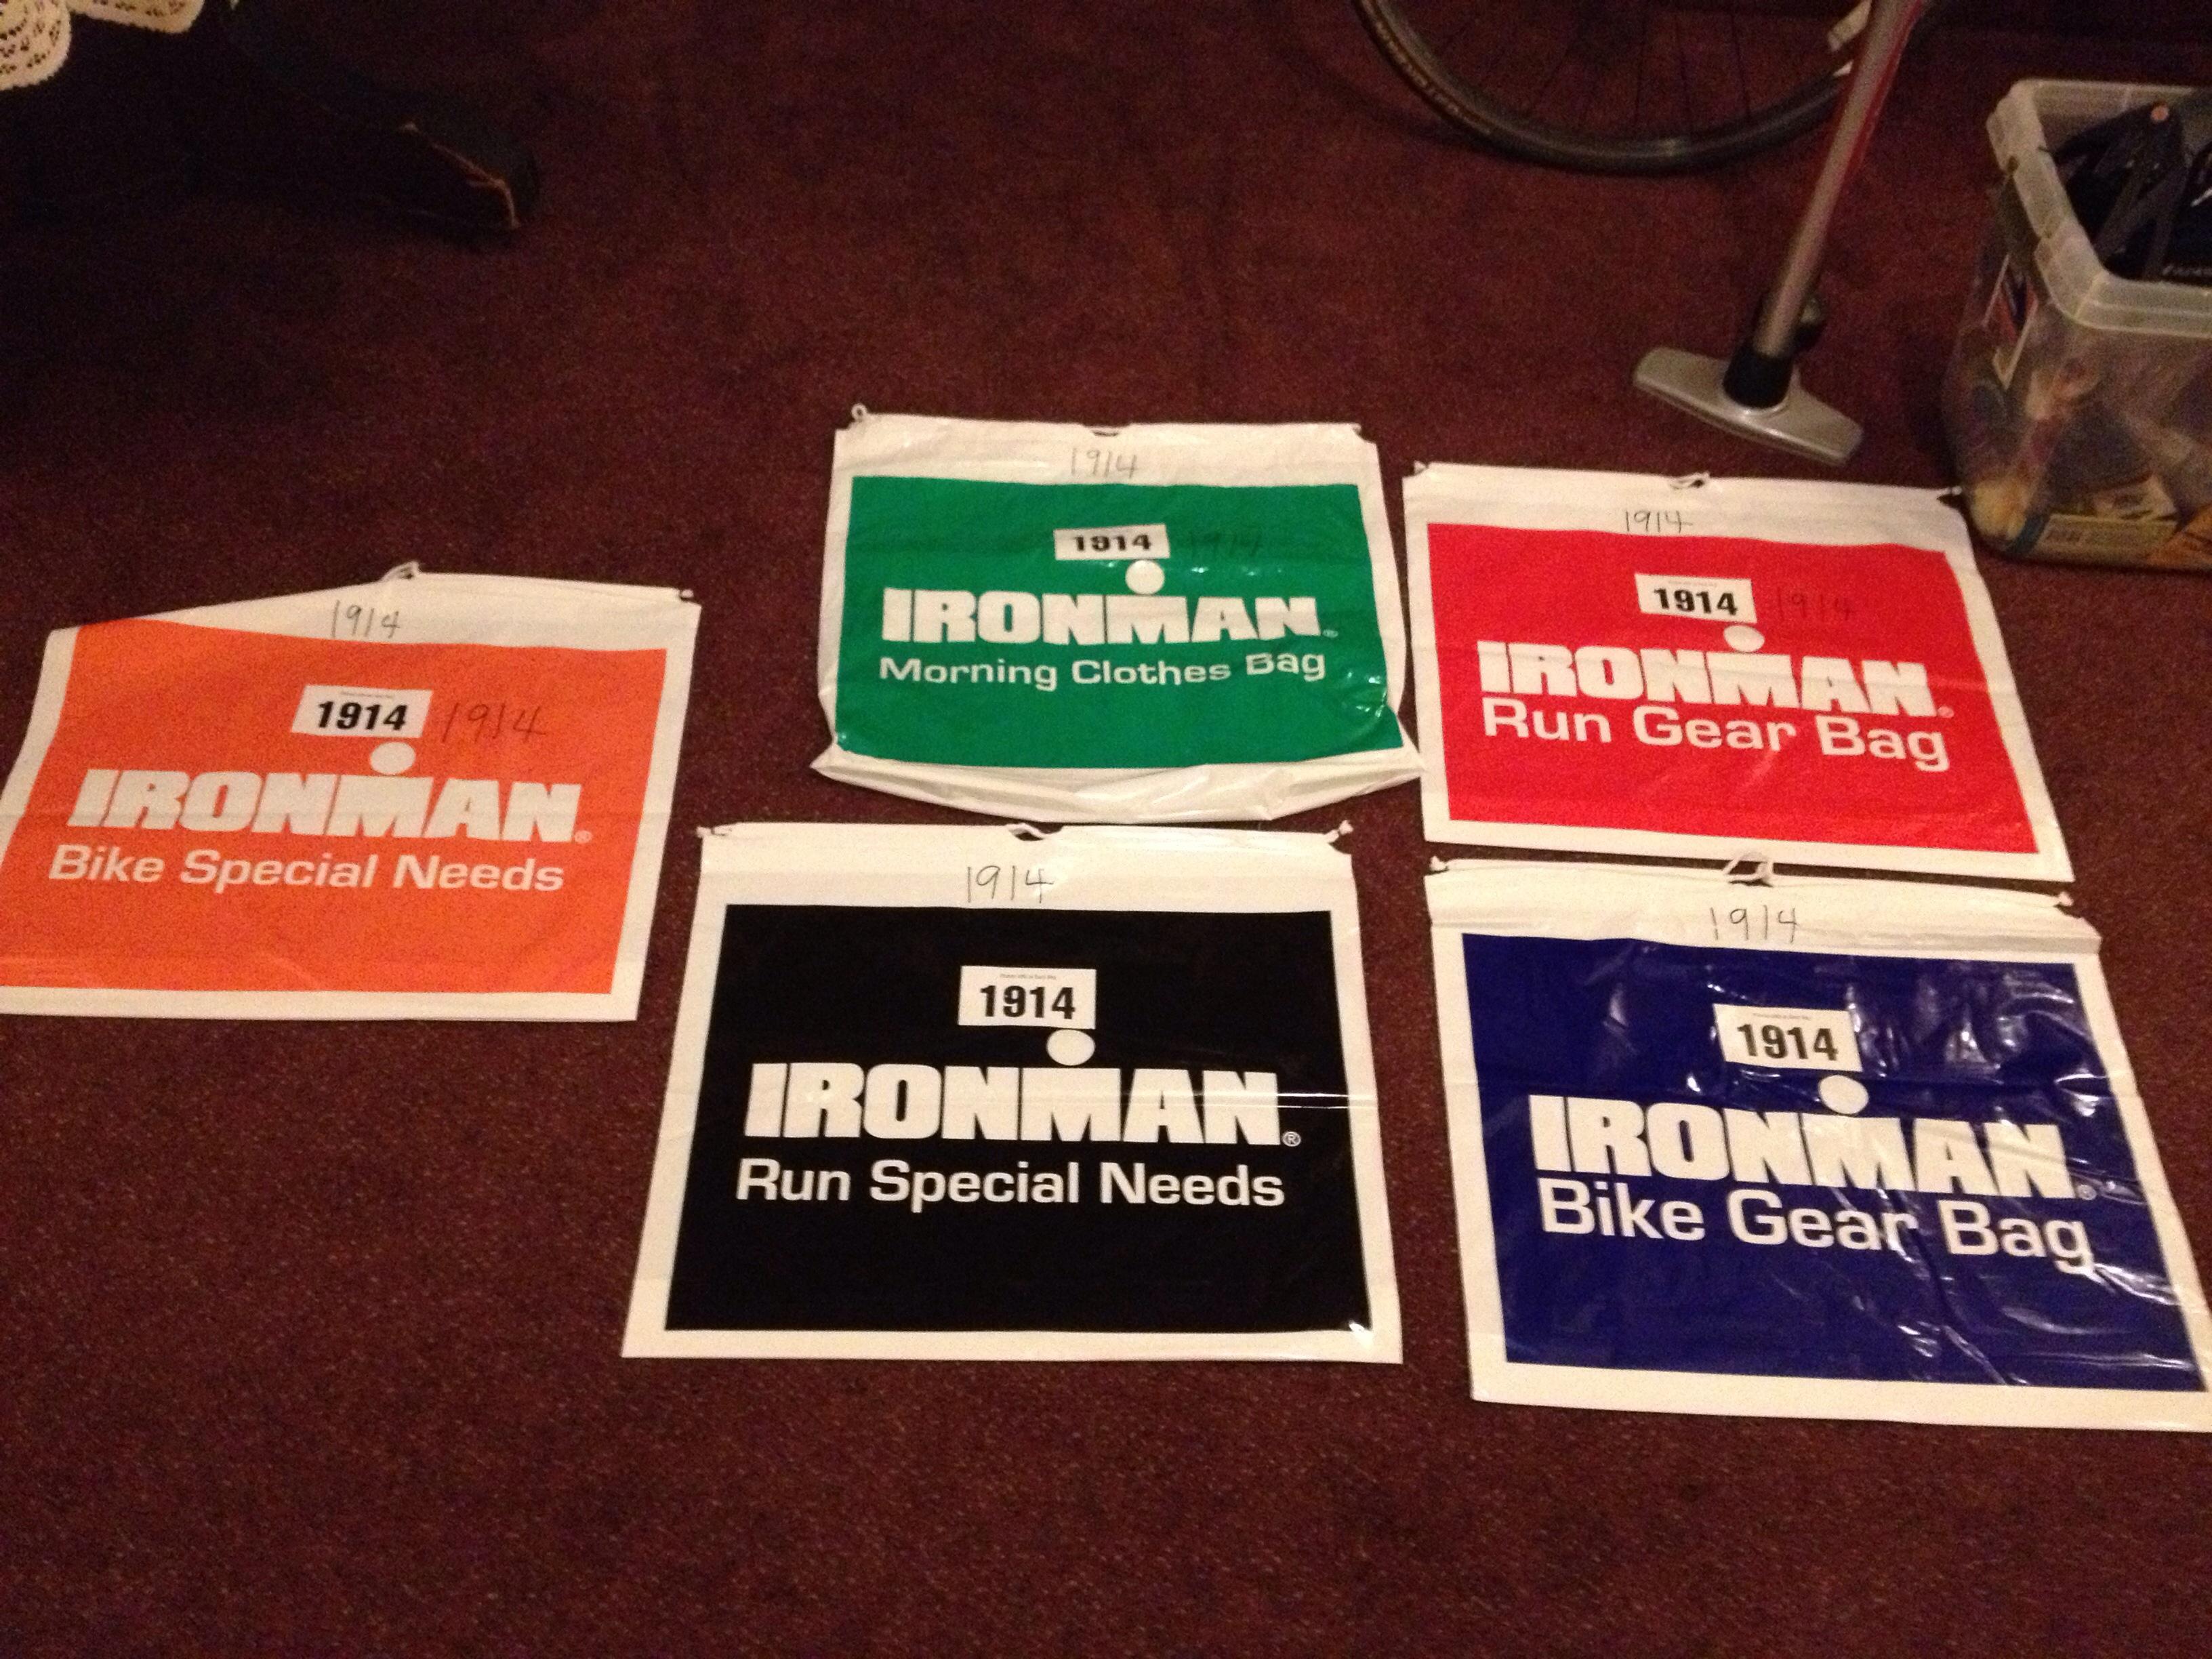 Iron Man Madison Weekend